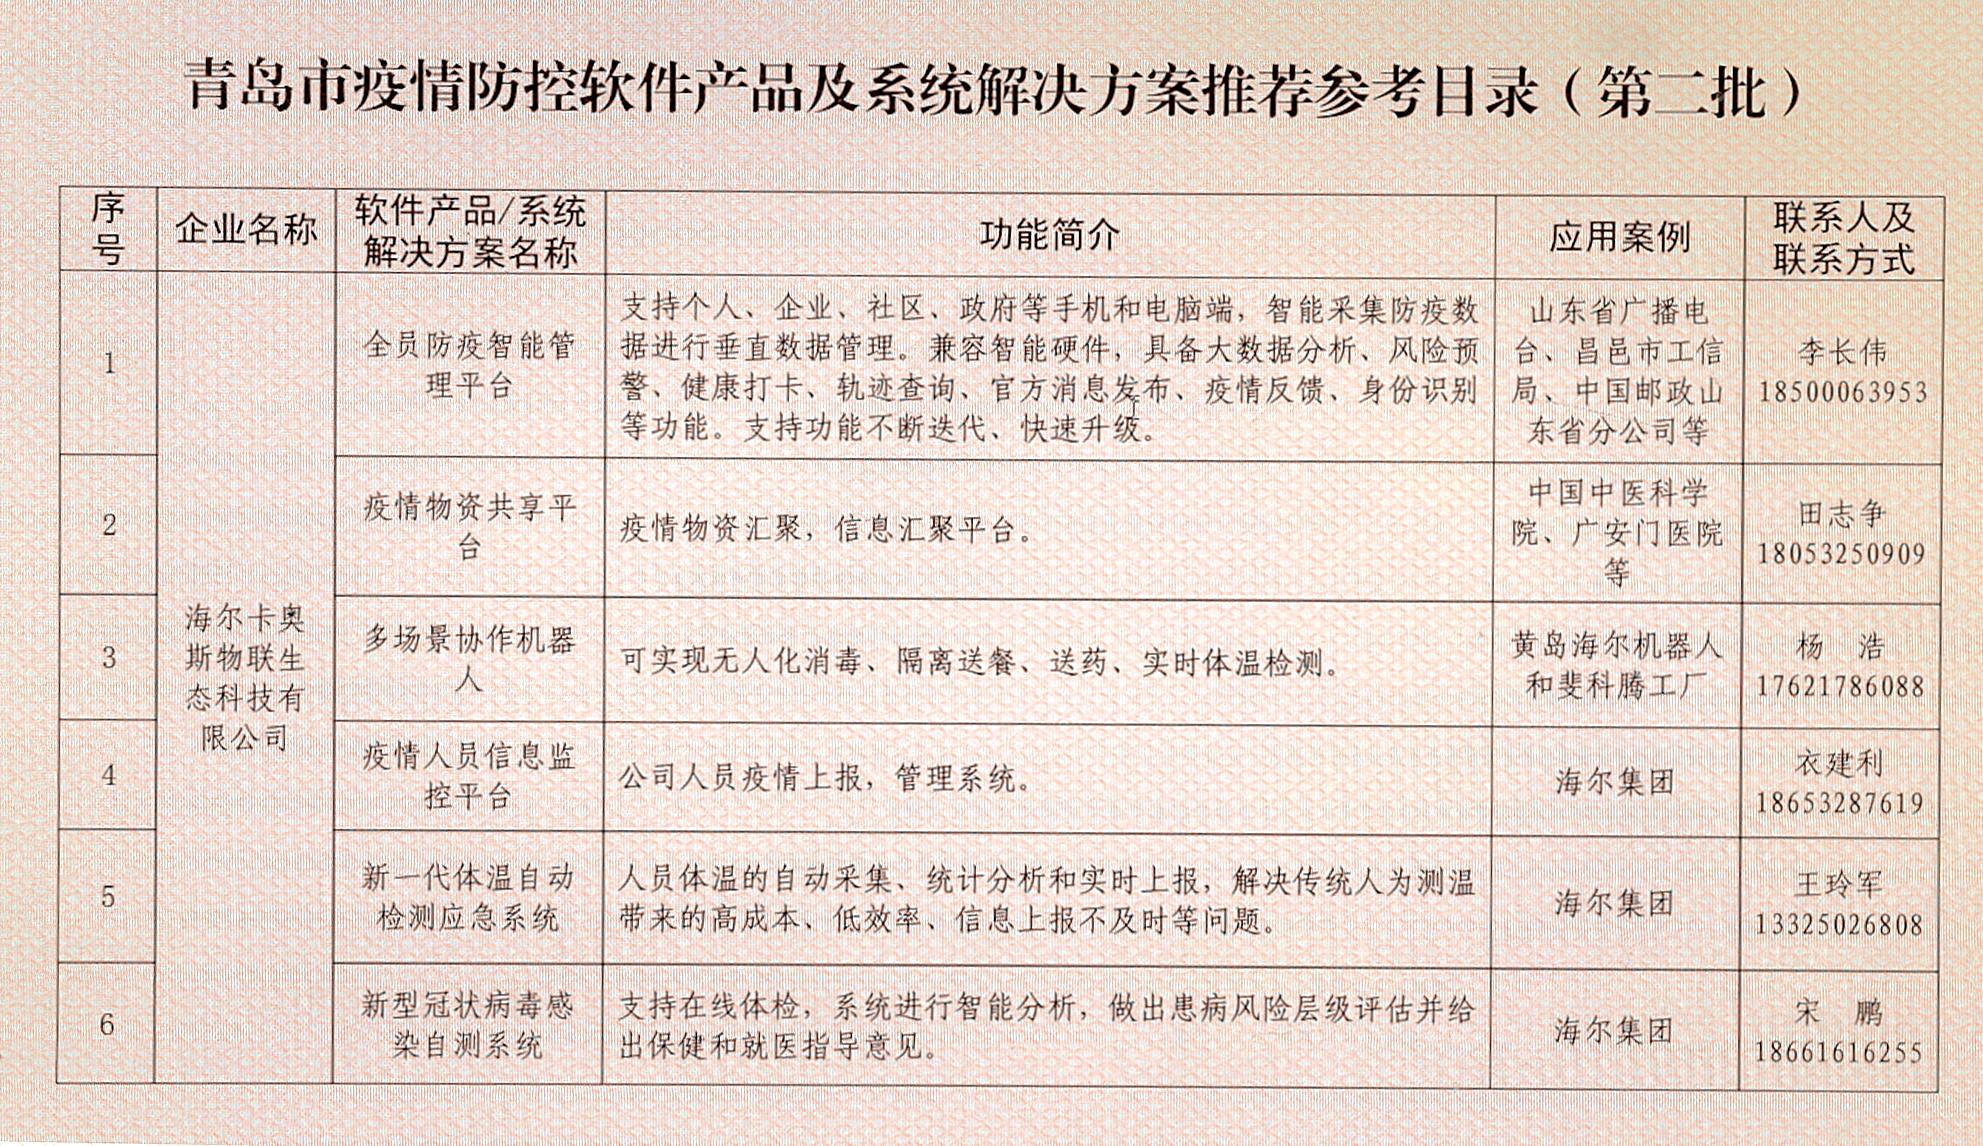 青岛市工业和信息化局发布第二批疫情防控软件产品及系统解决方案推荐参考目录